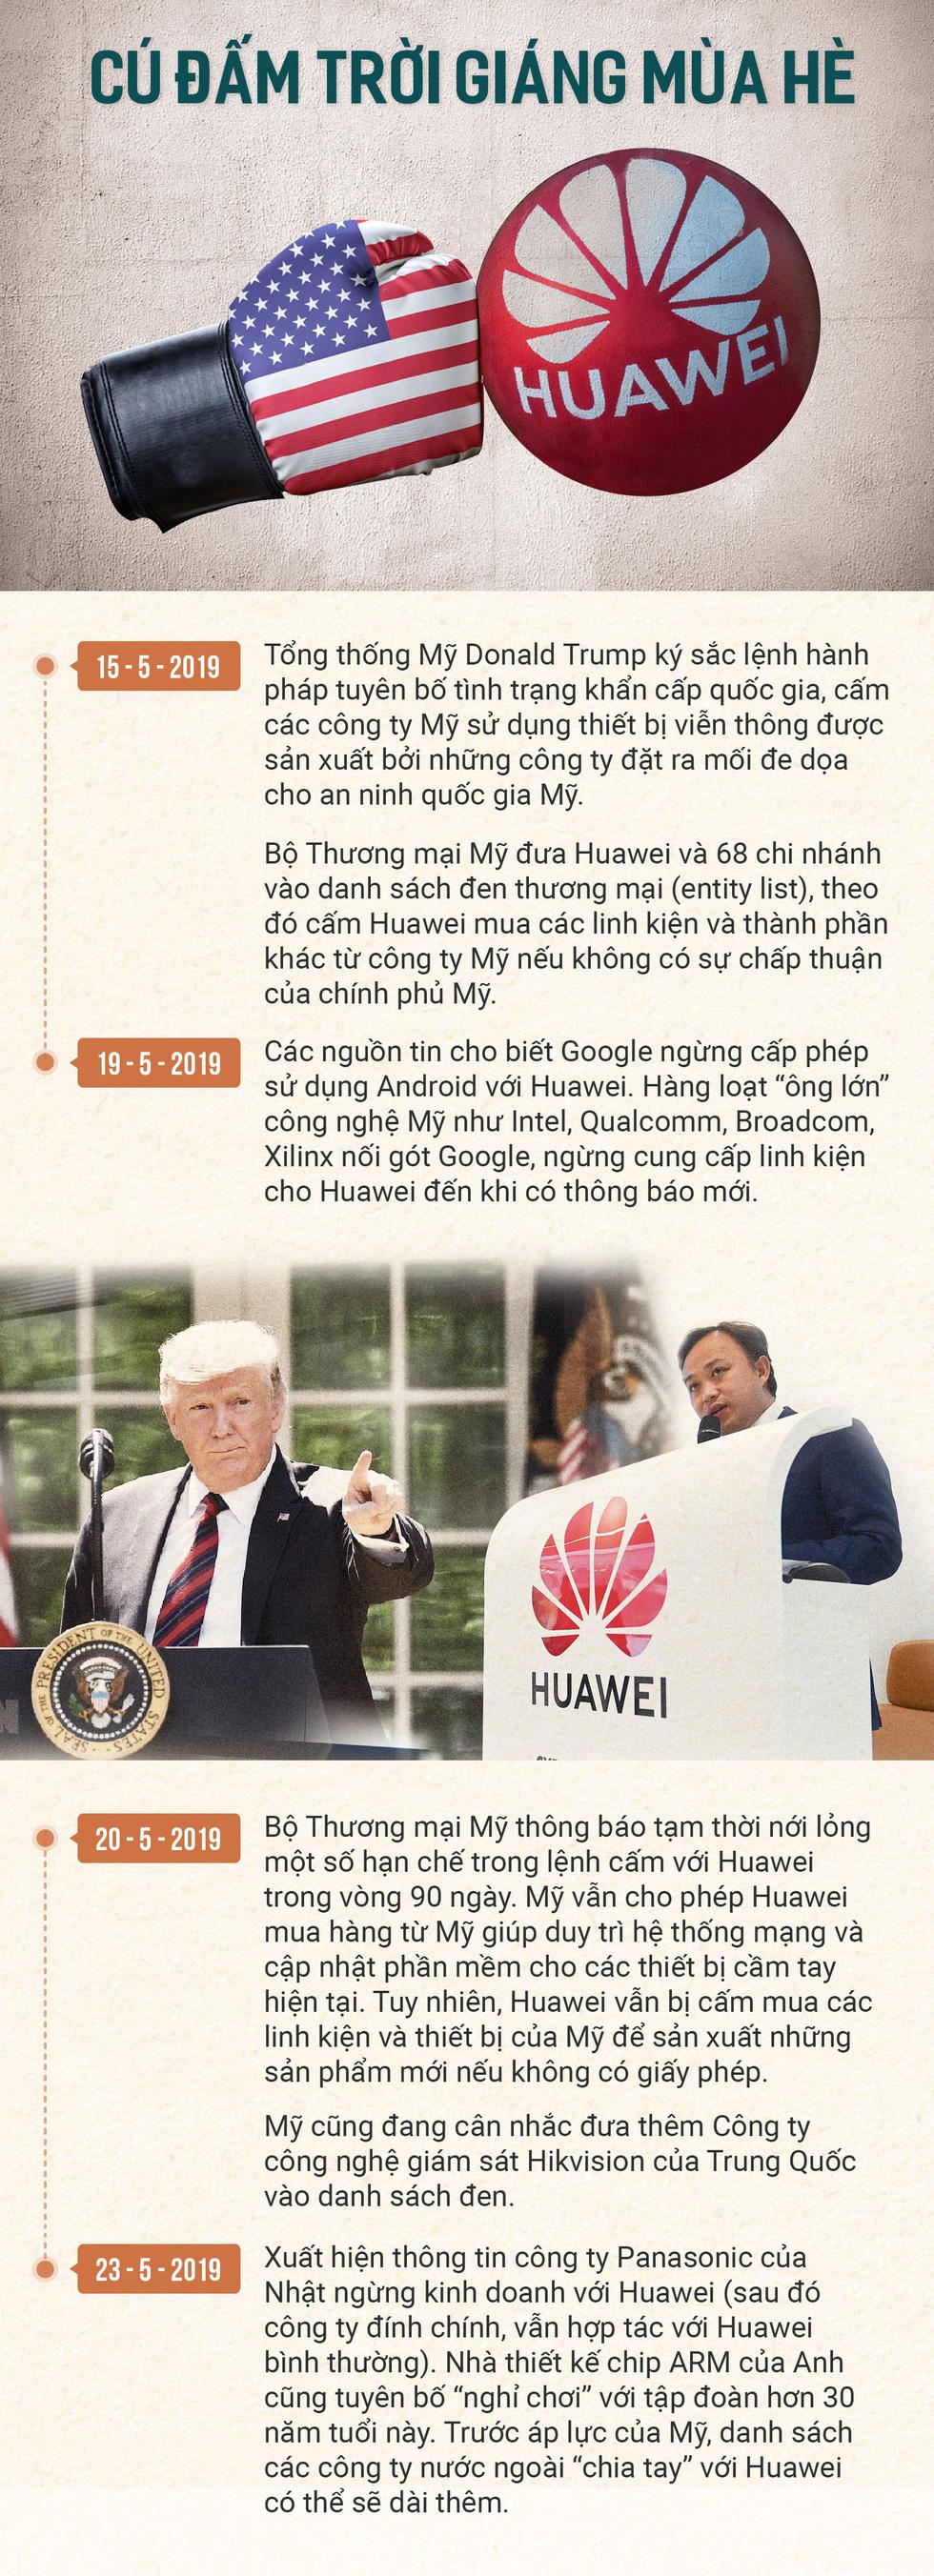 Toàn cảnh Mỹ đánh Huawei - Ảnh 2.